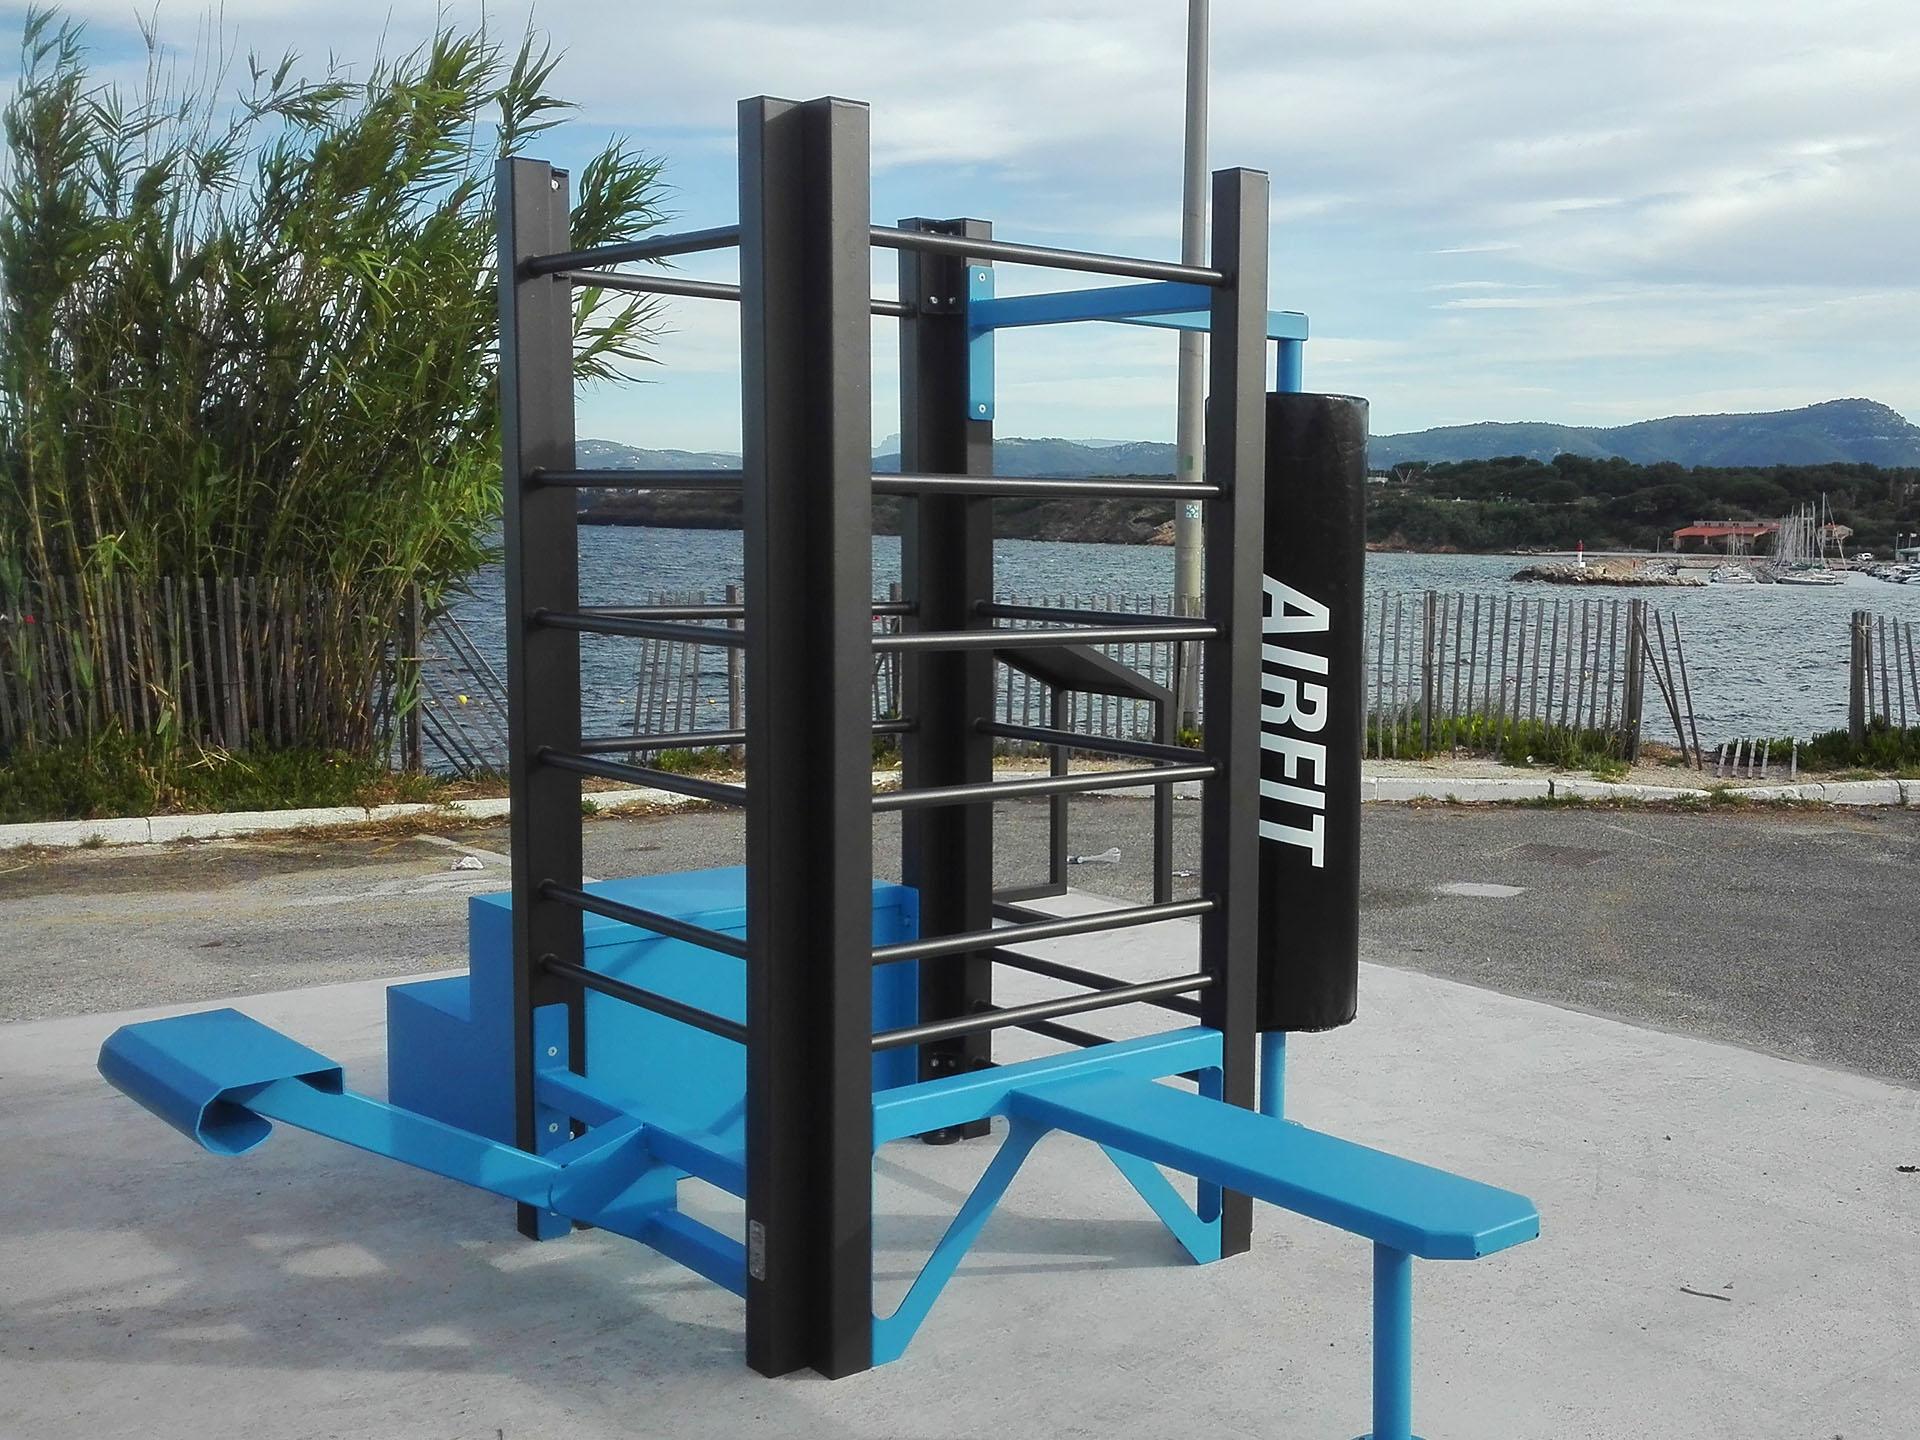 https://www.varmatin.com/vie-locale/trois-stations-de-fitness-en-acces-libre-sur-le-bord-de-mer-245584